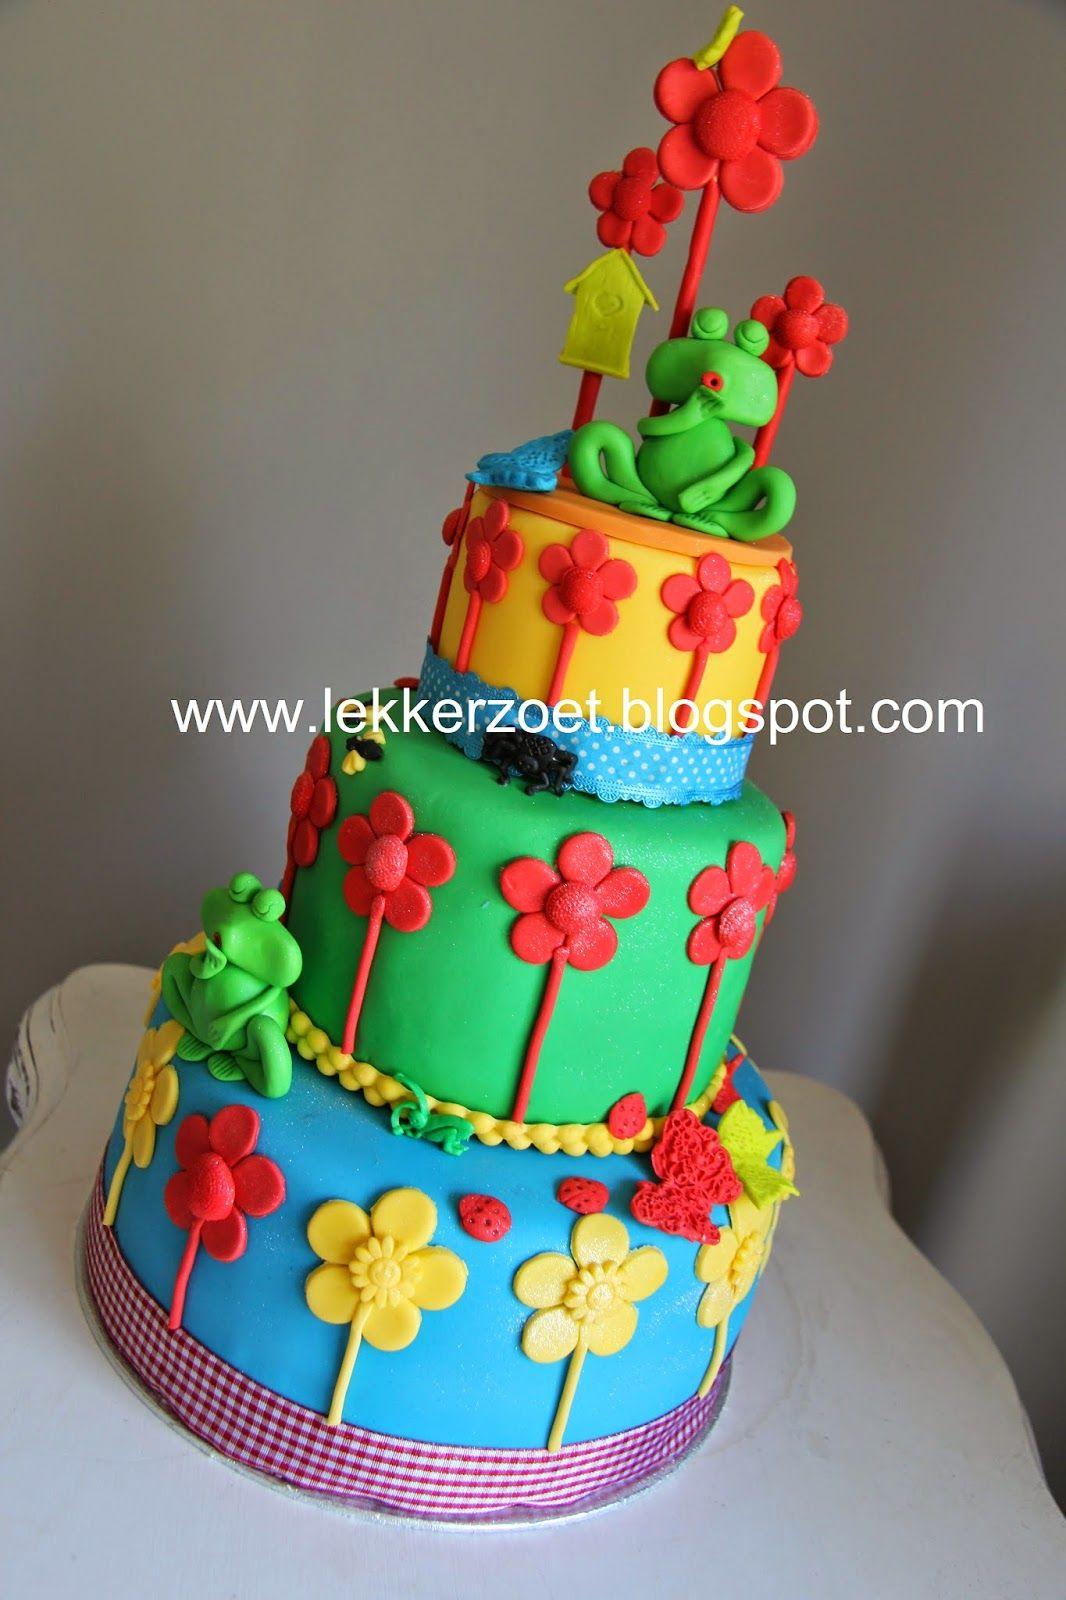 lekker zoet: eigen ontwerp taart van de kleuterklas groep 1-2 k...